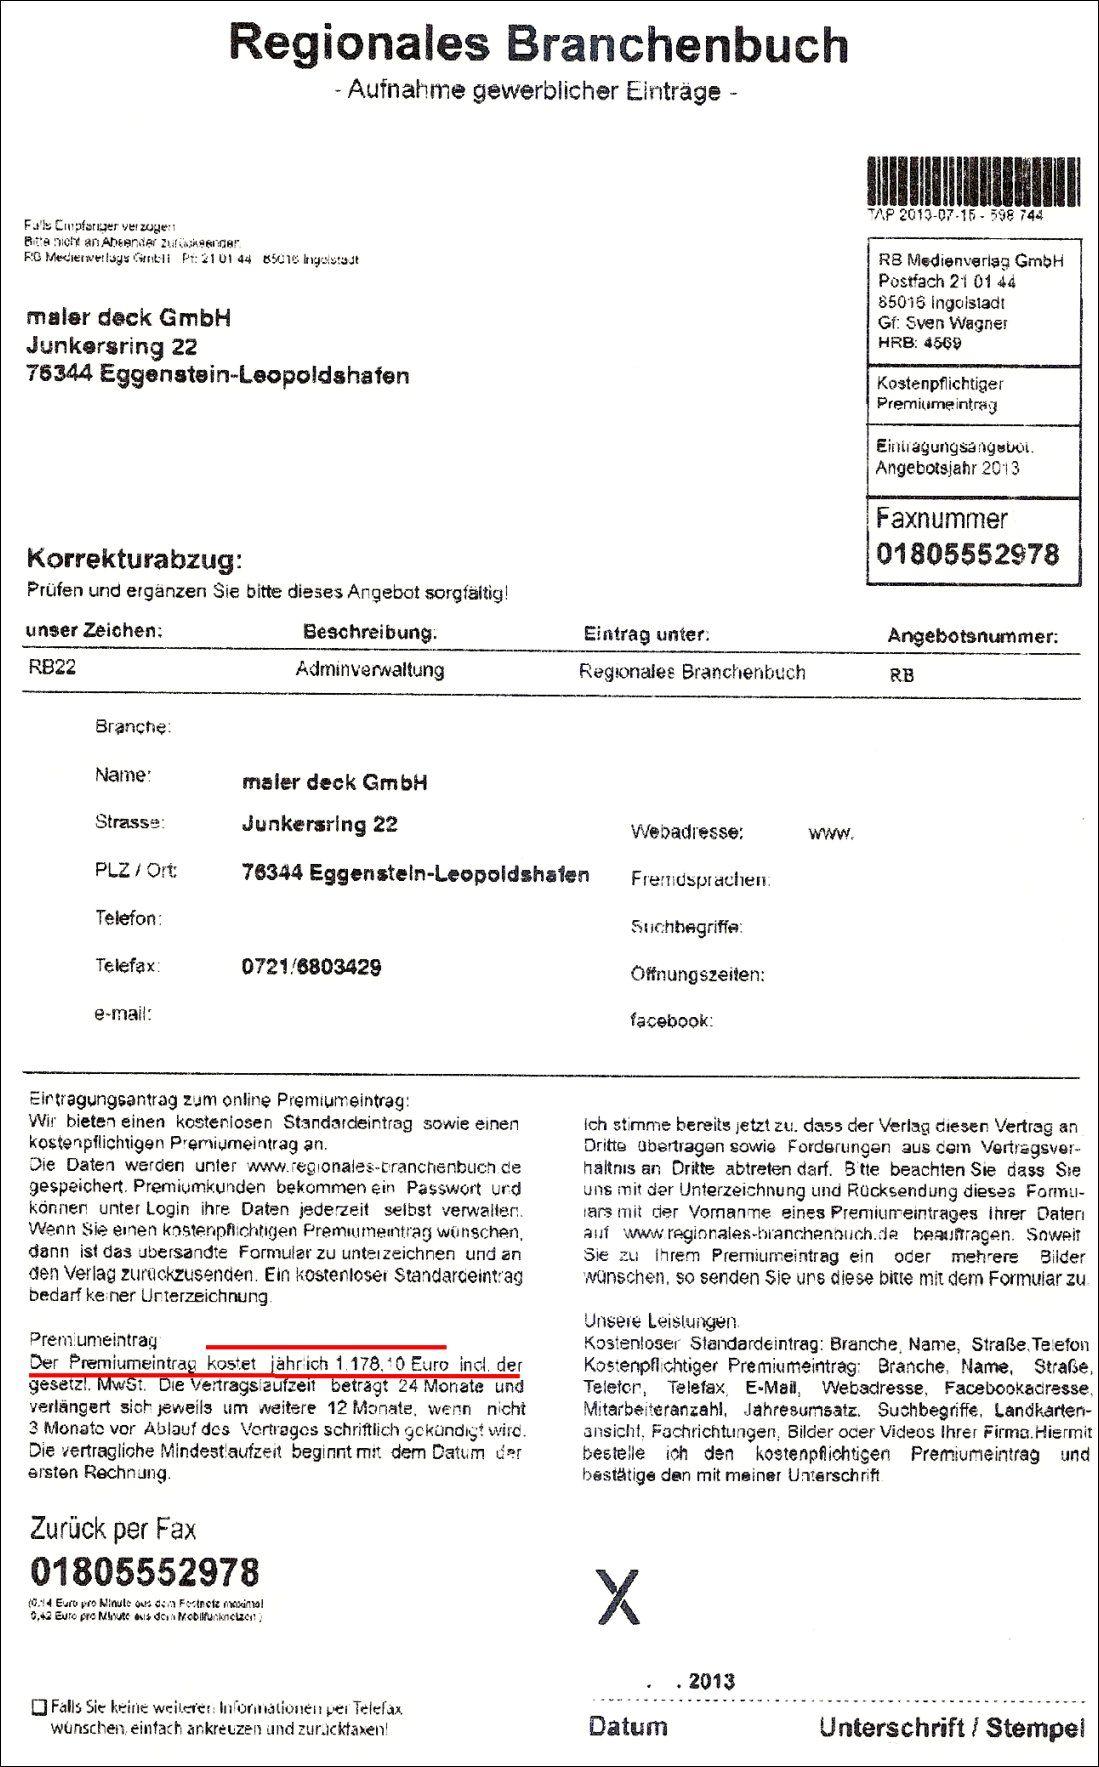 Branchenbuch-Abzoche durch RB Medienverlag Gmbh aus Ingolstadt